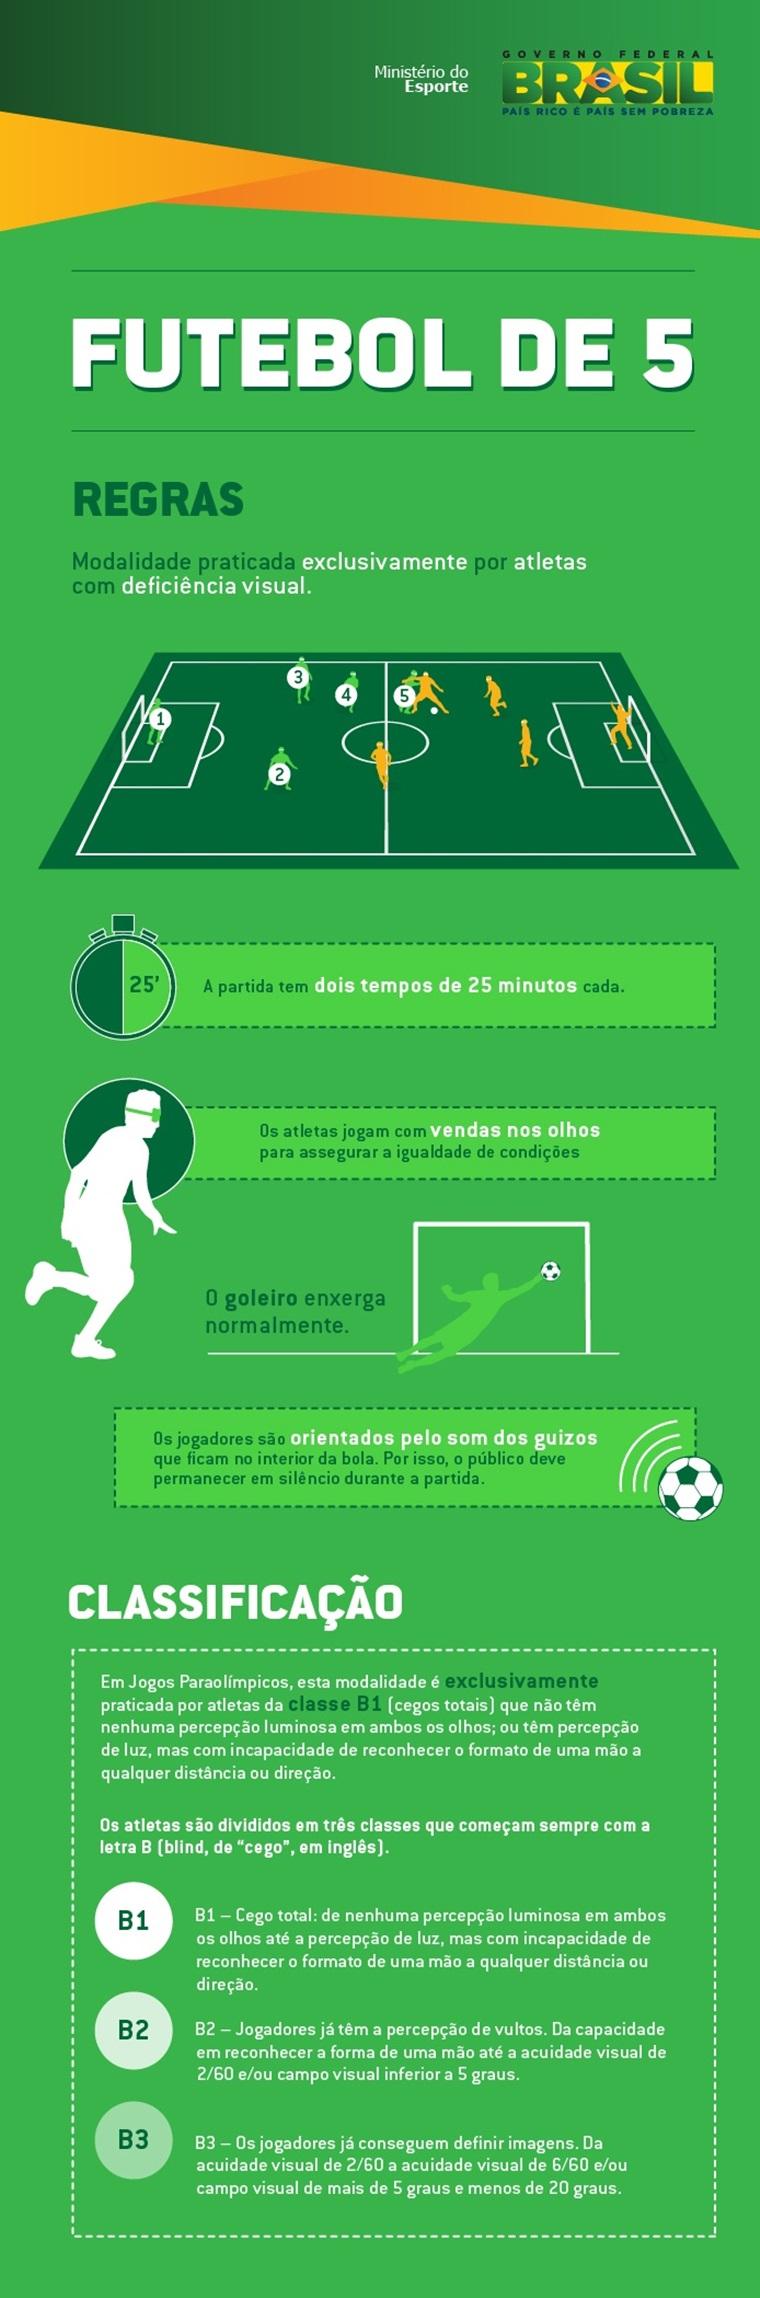 Futebol de 5  Brasil goleia o Chile por 6 x 0 — Rede do Esporte 24248f1fbb441